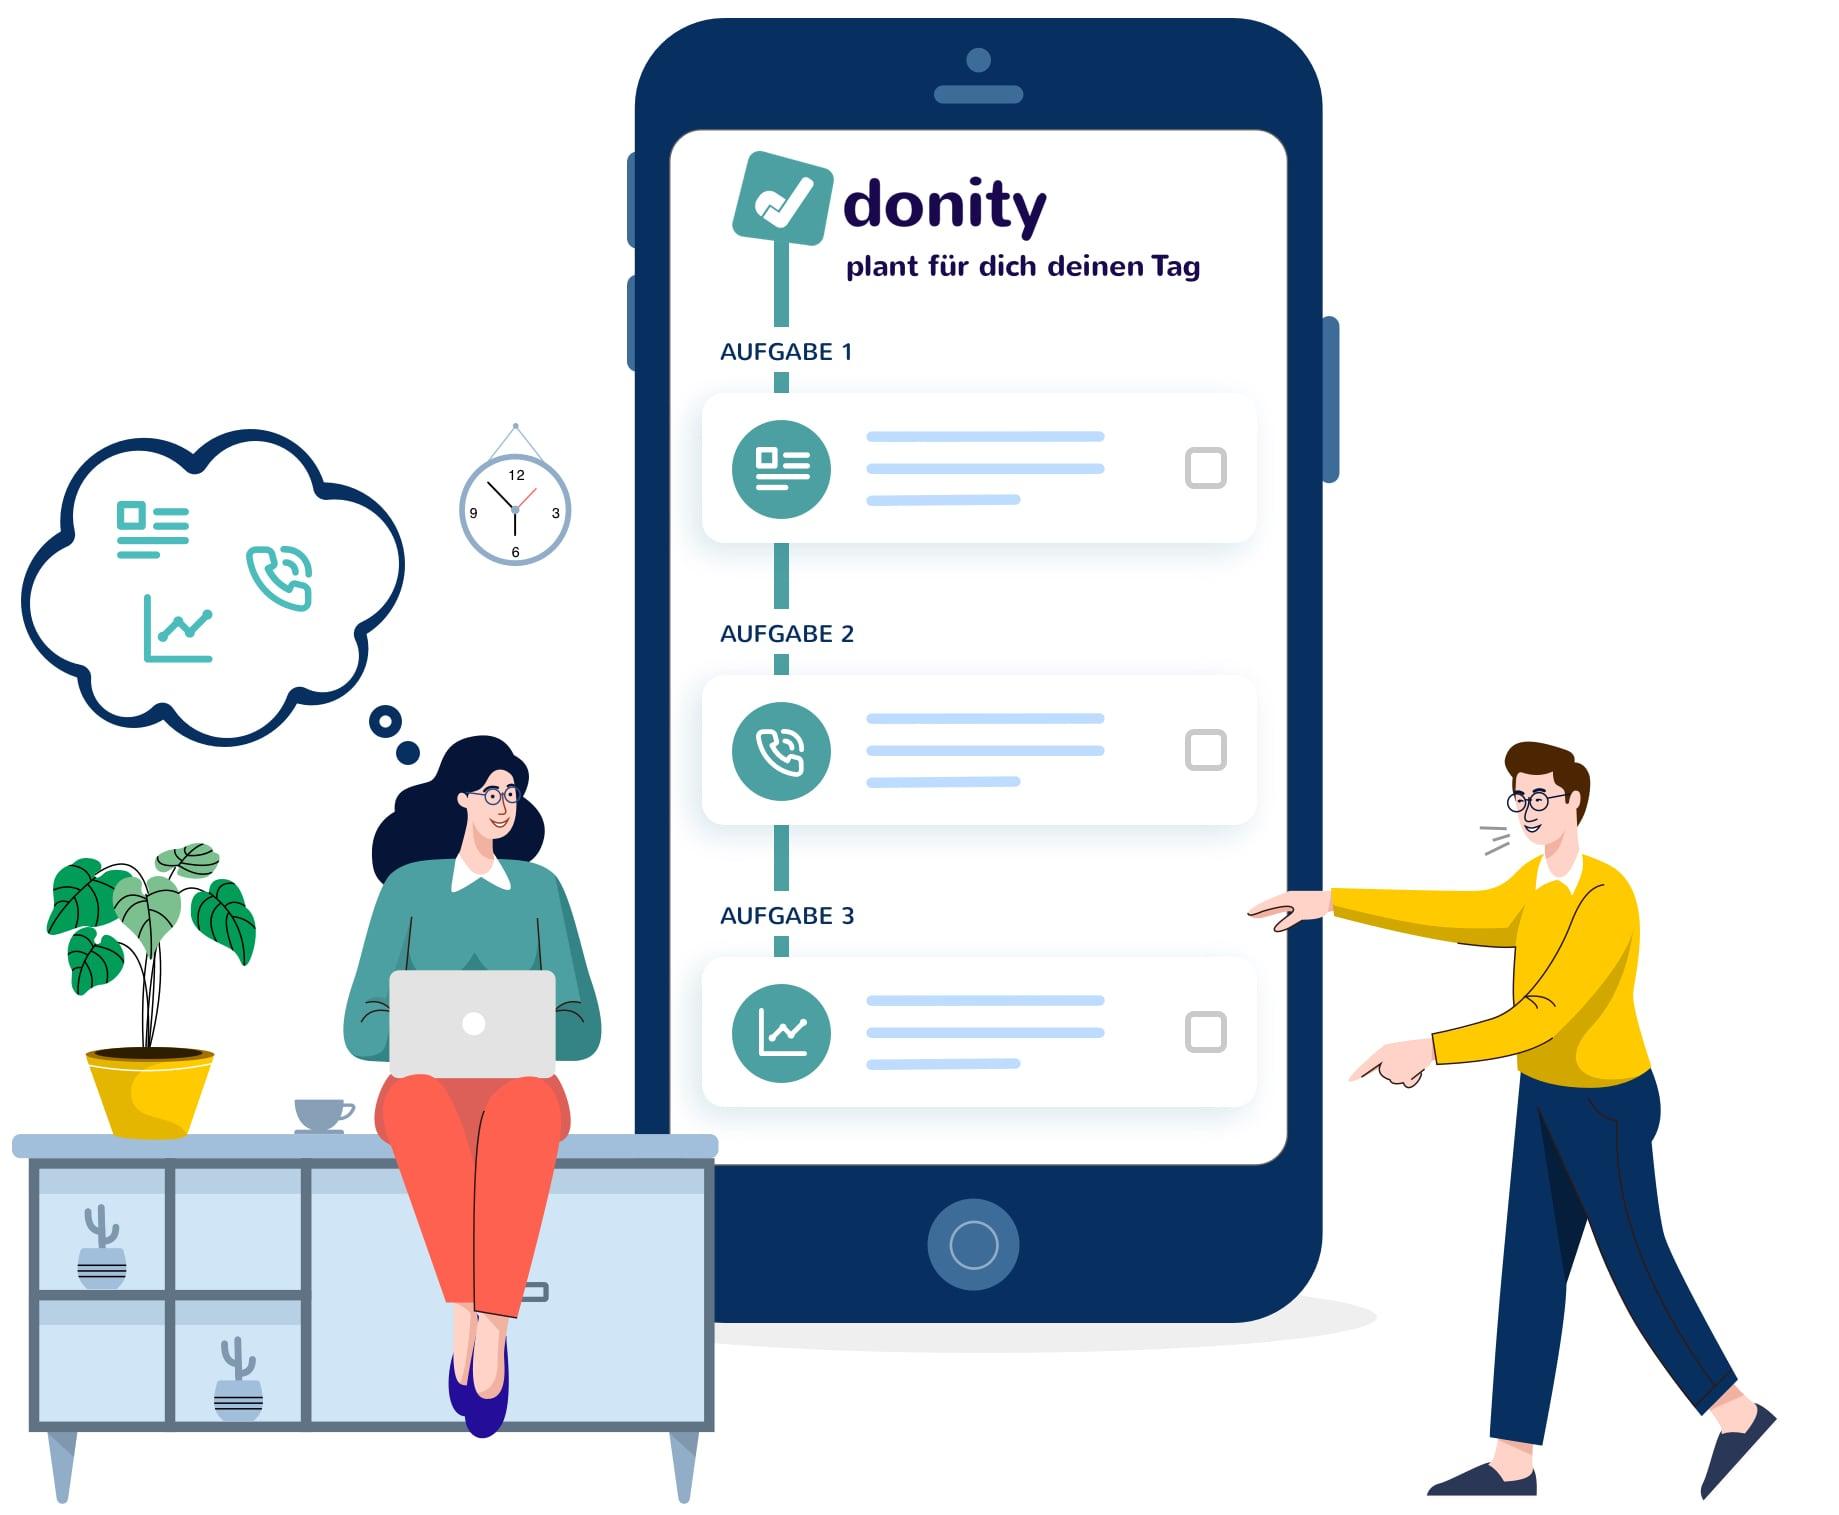 Der Wochenplan der donity Software auf einem Smartphone